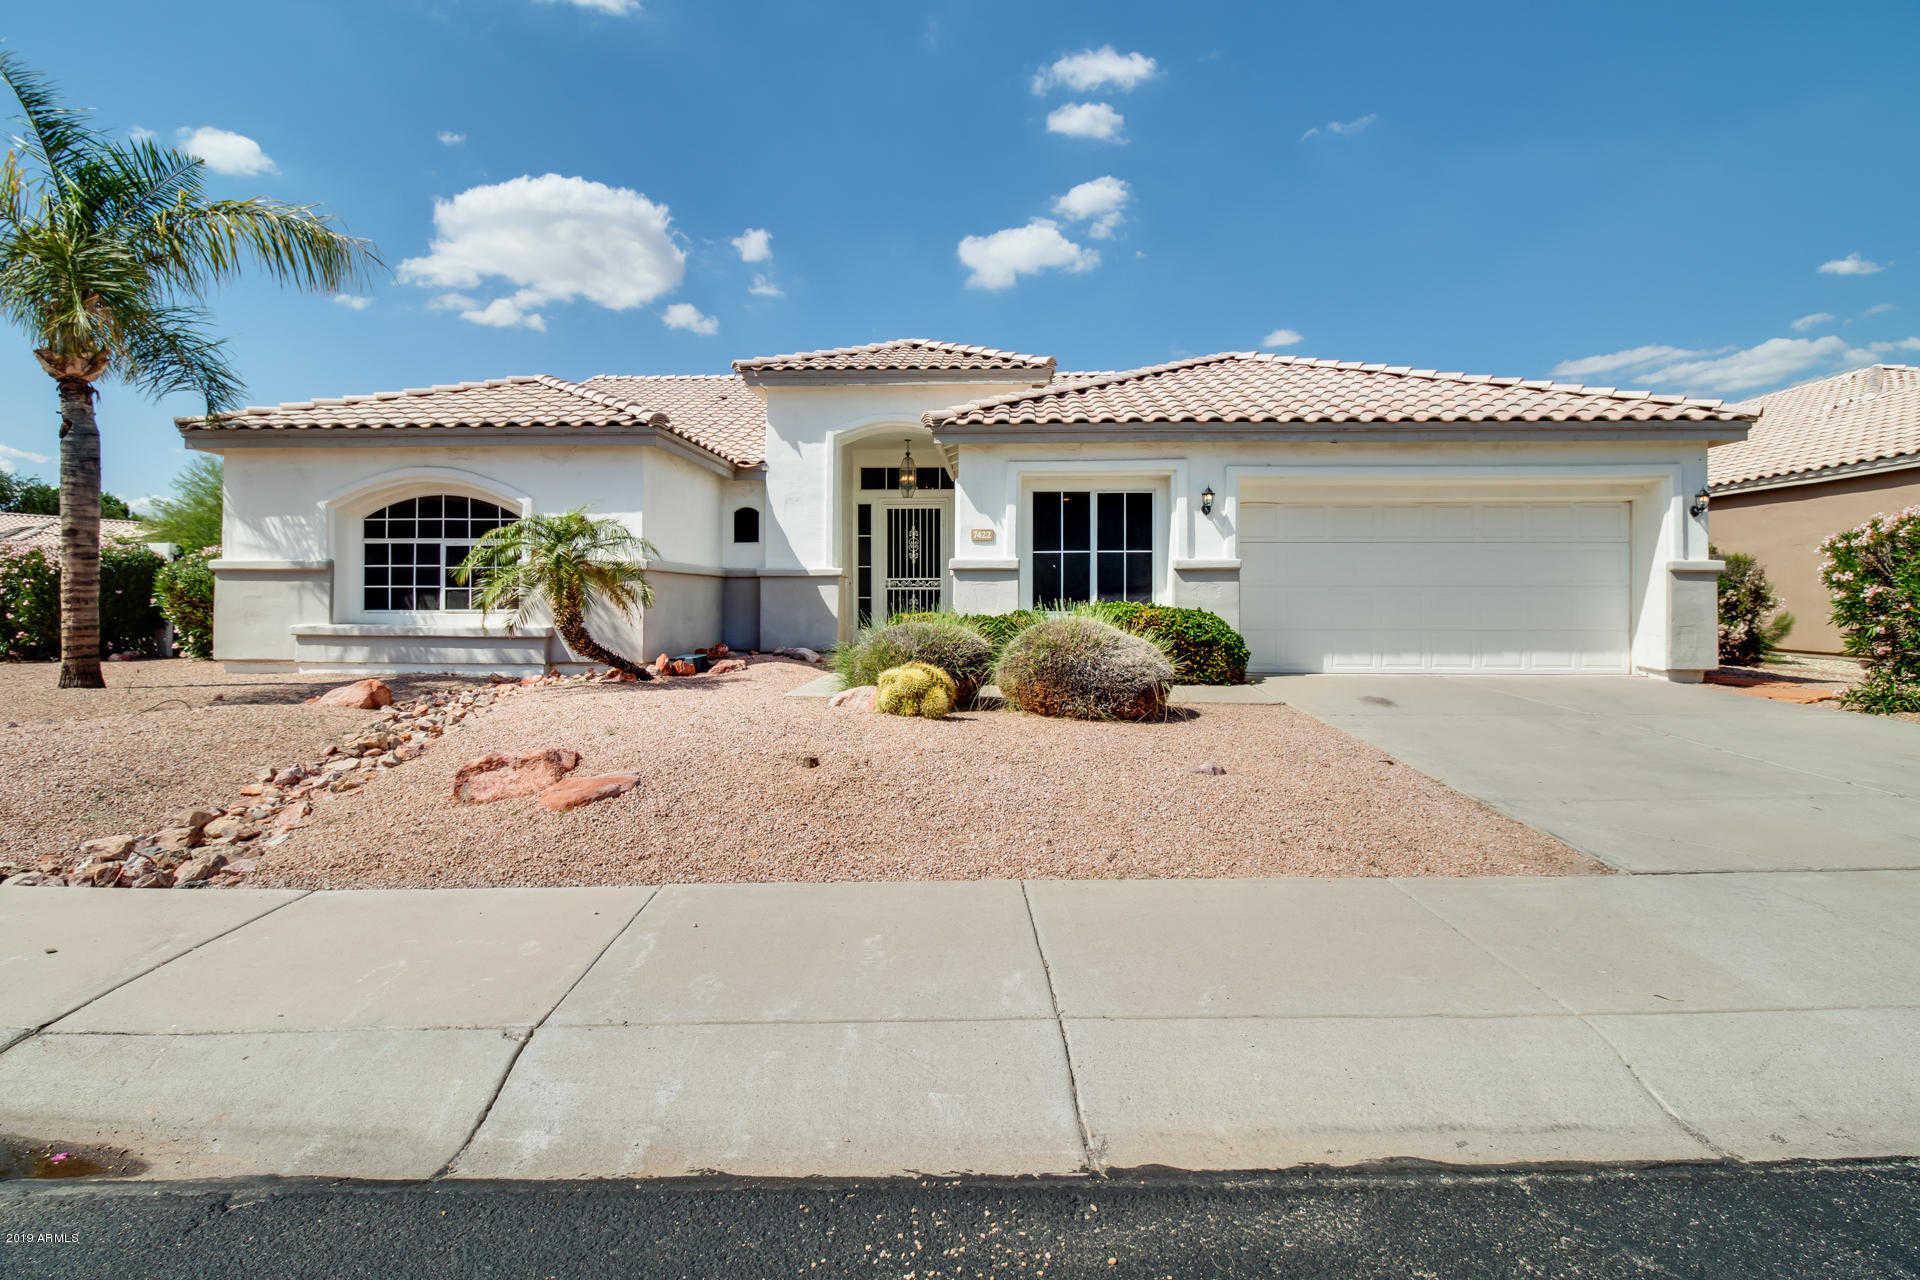 $375,000 - 3Br/3Ba - Home for Sale in Hillcrest Ranch Parcel F & H, Glendale